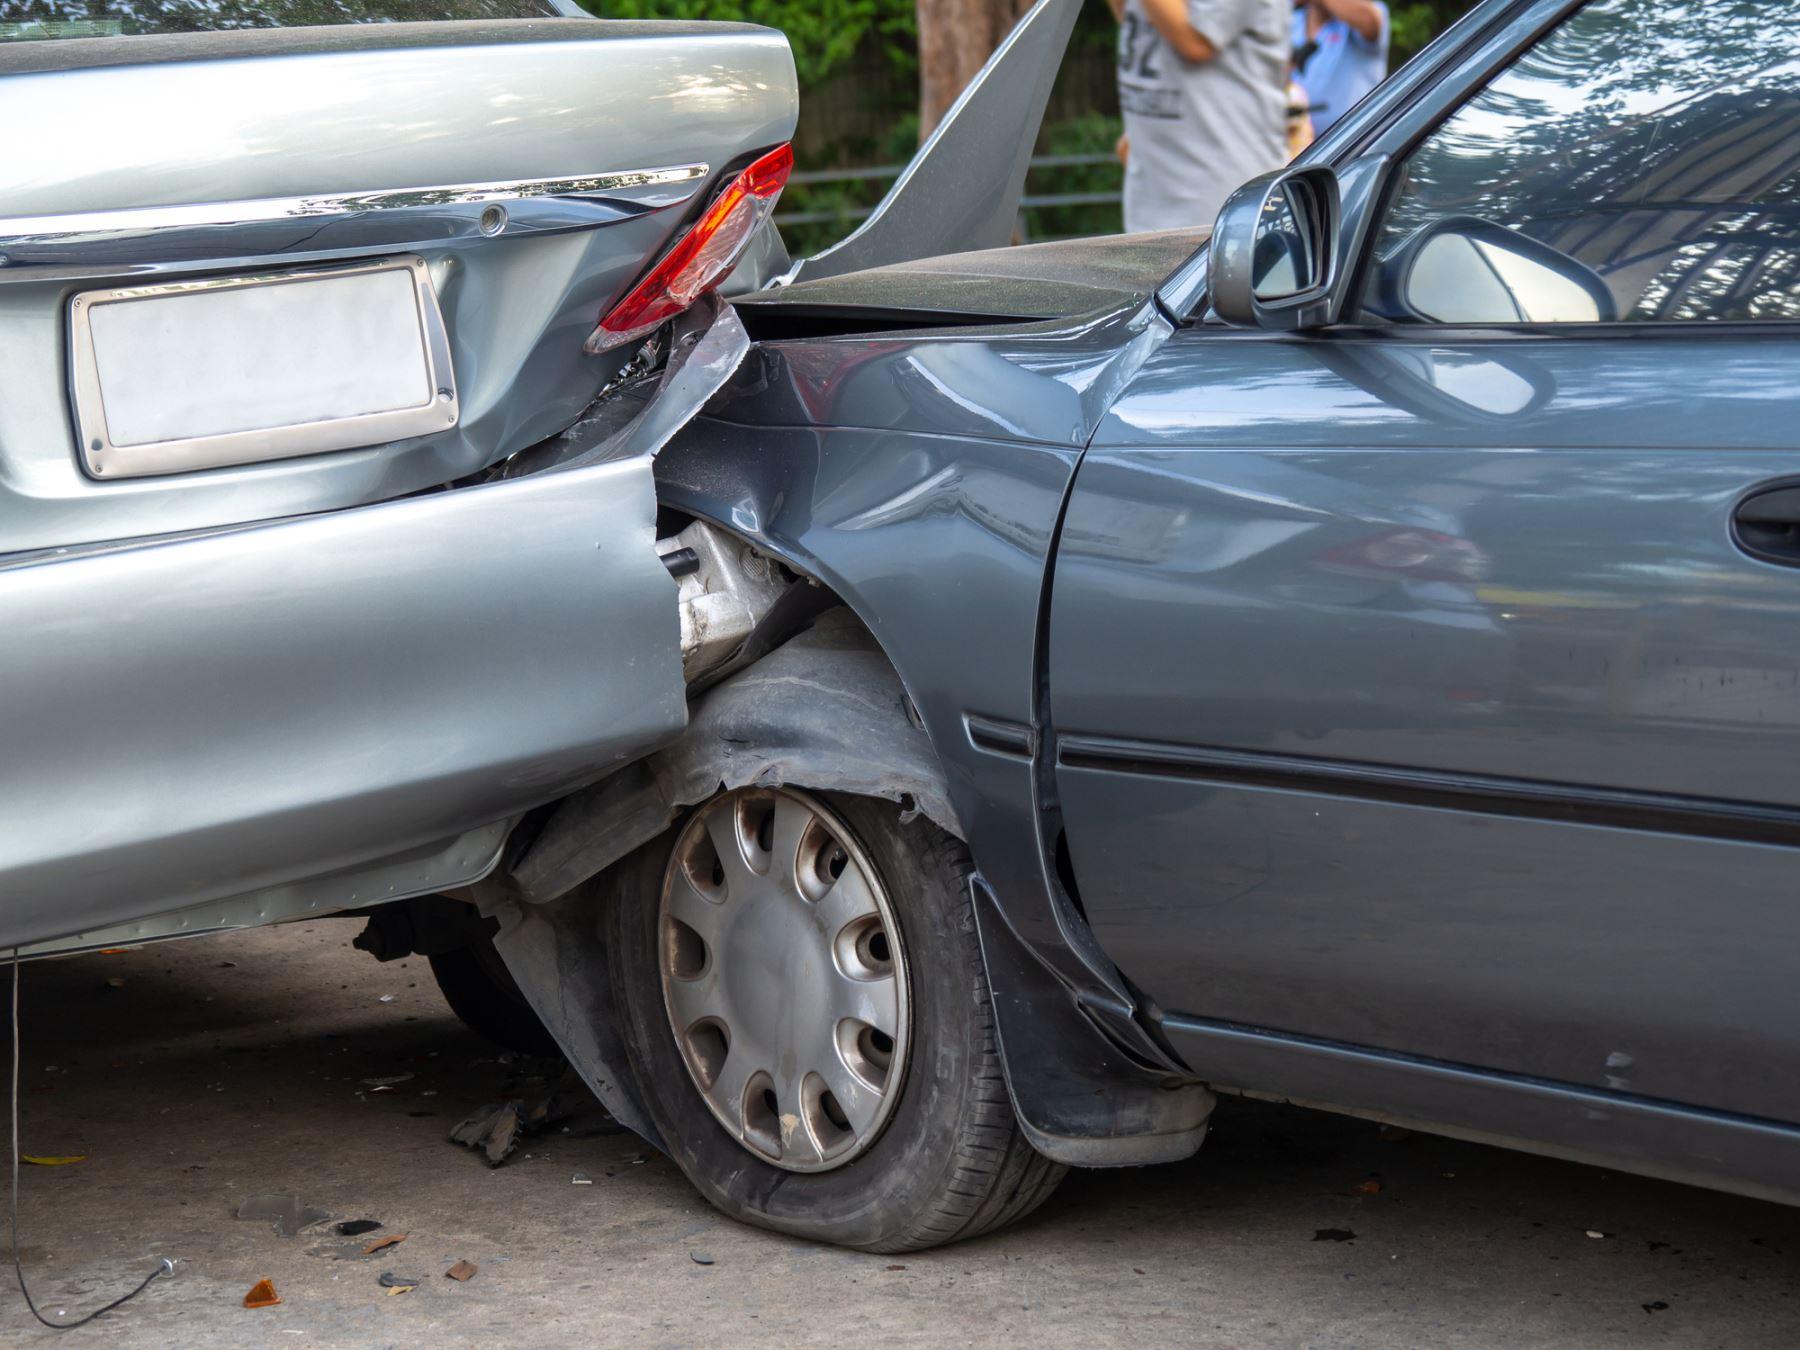 Fijan medidas para adecuada atención en accidentes de tránsito cubiertos por Afocat